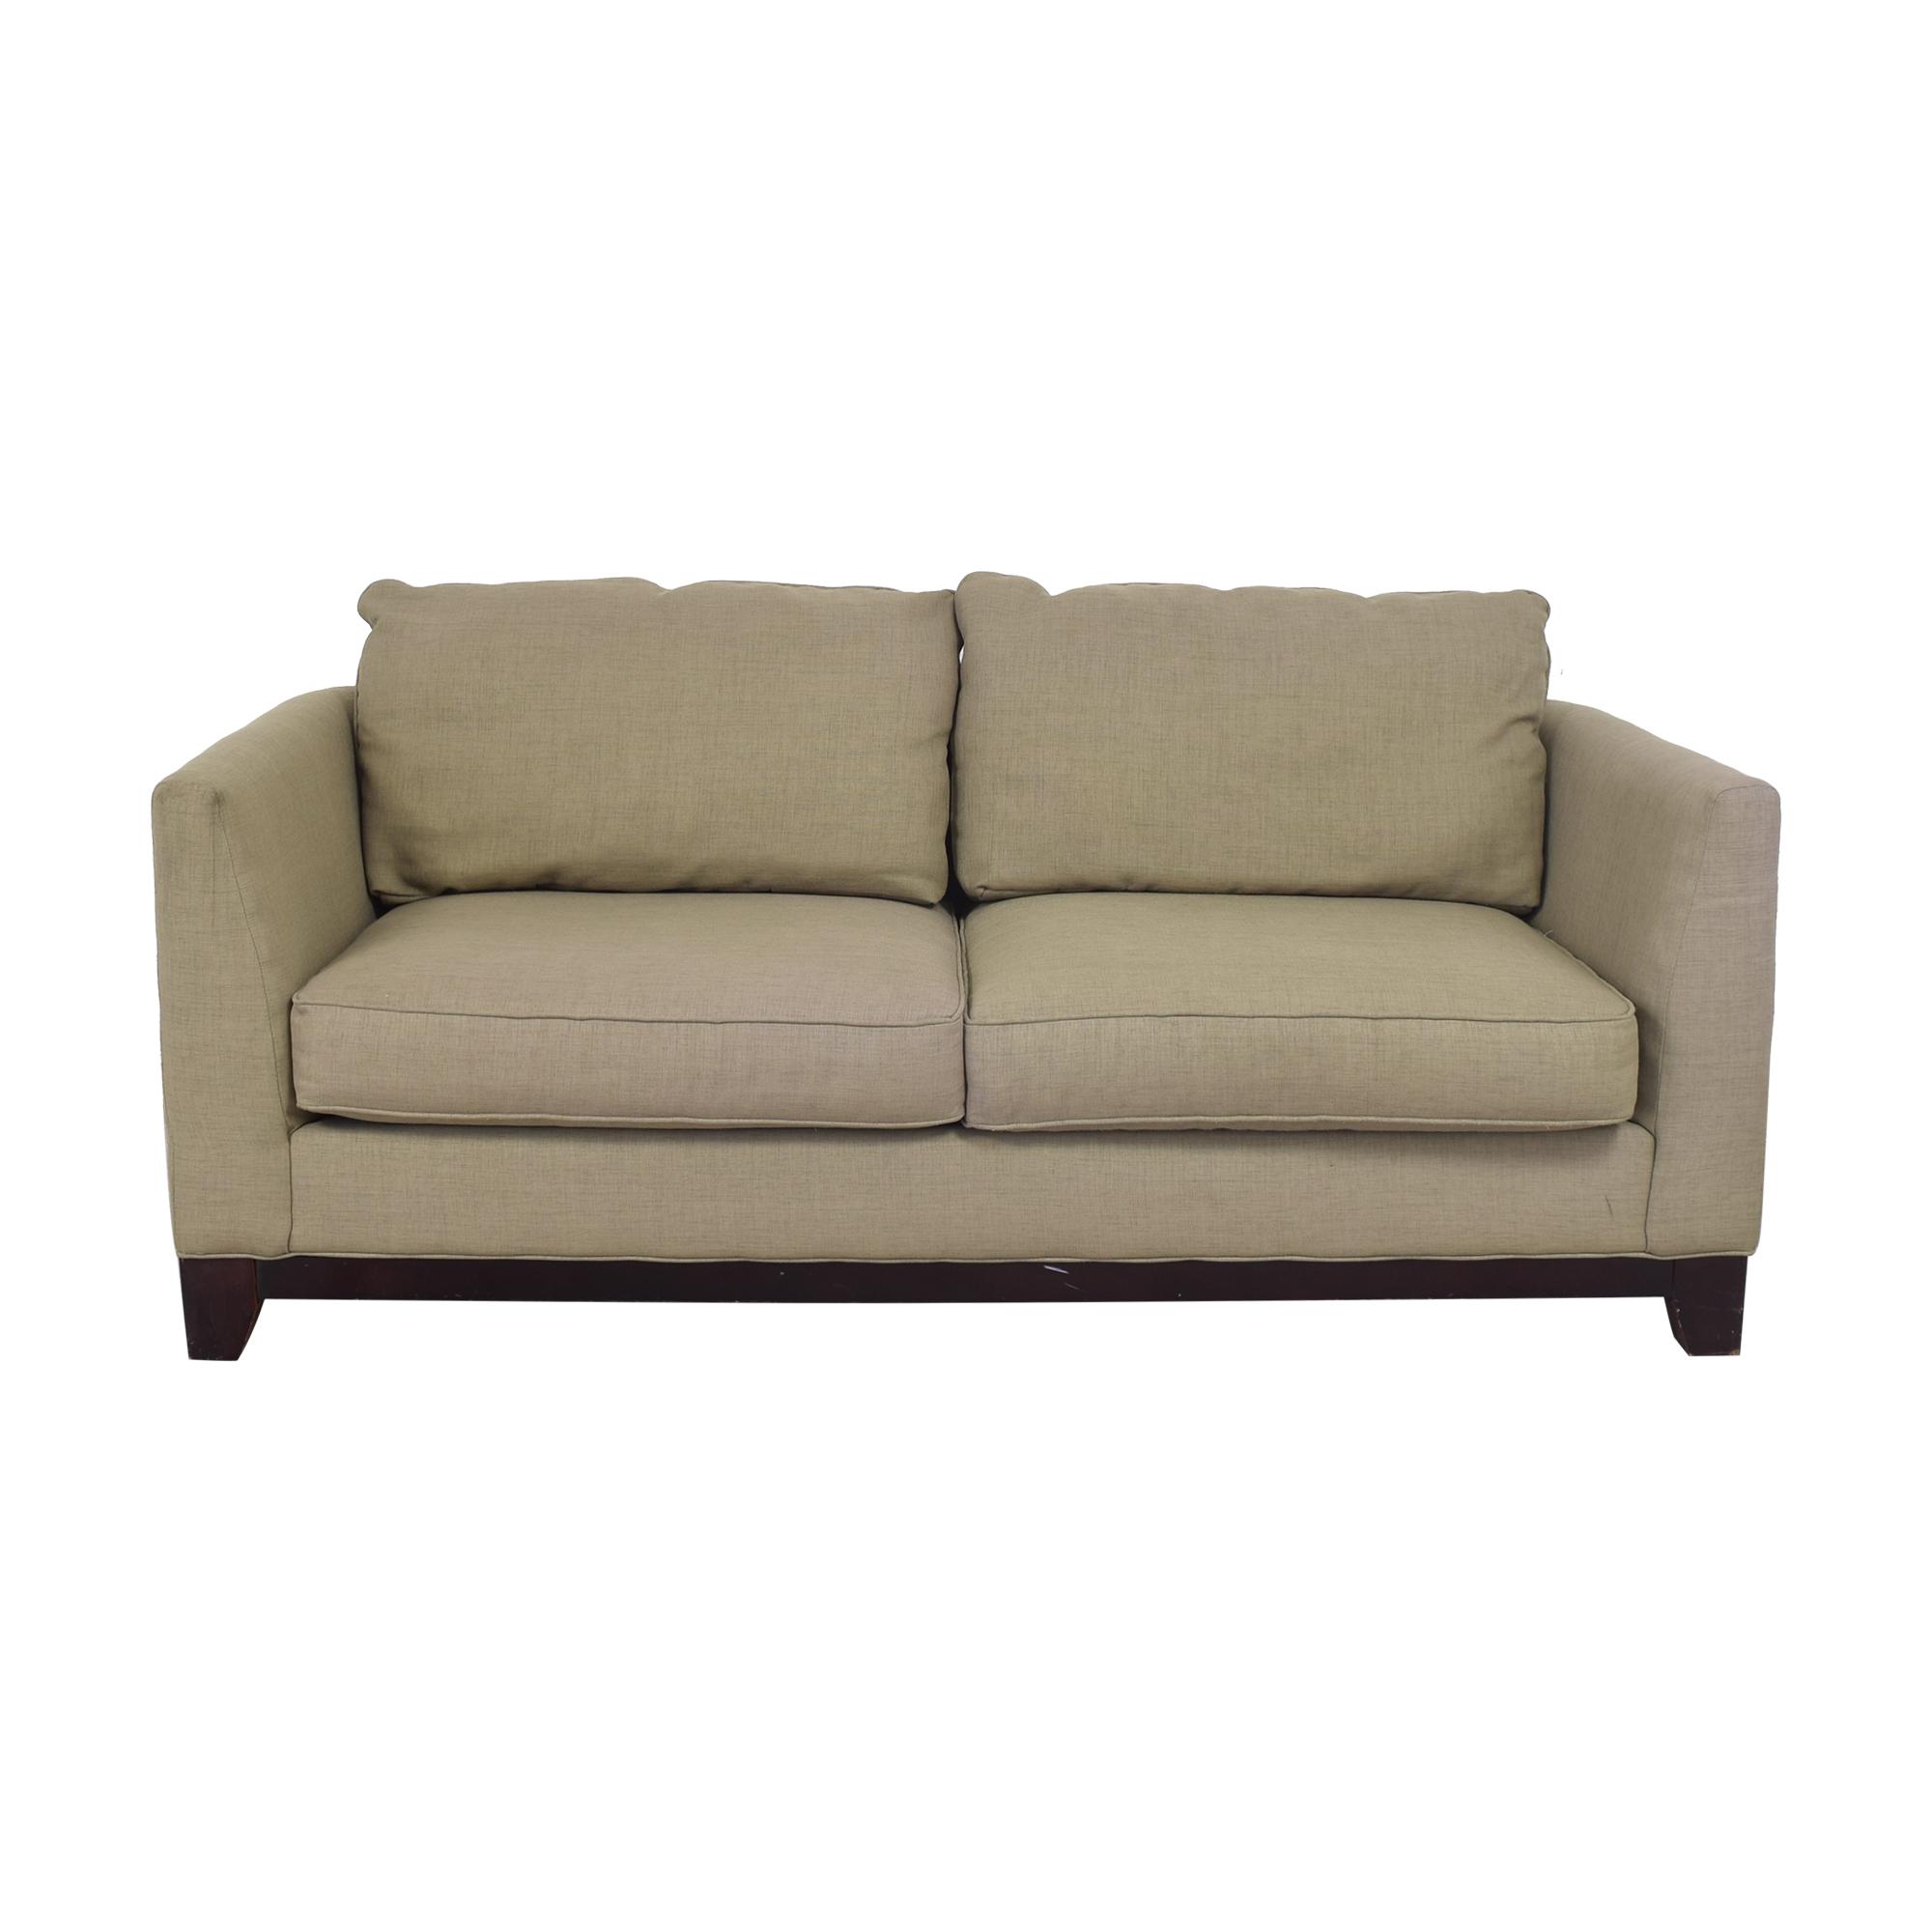 buy Bauhaus Furniture Bauhaus Two Cushion Sofa online